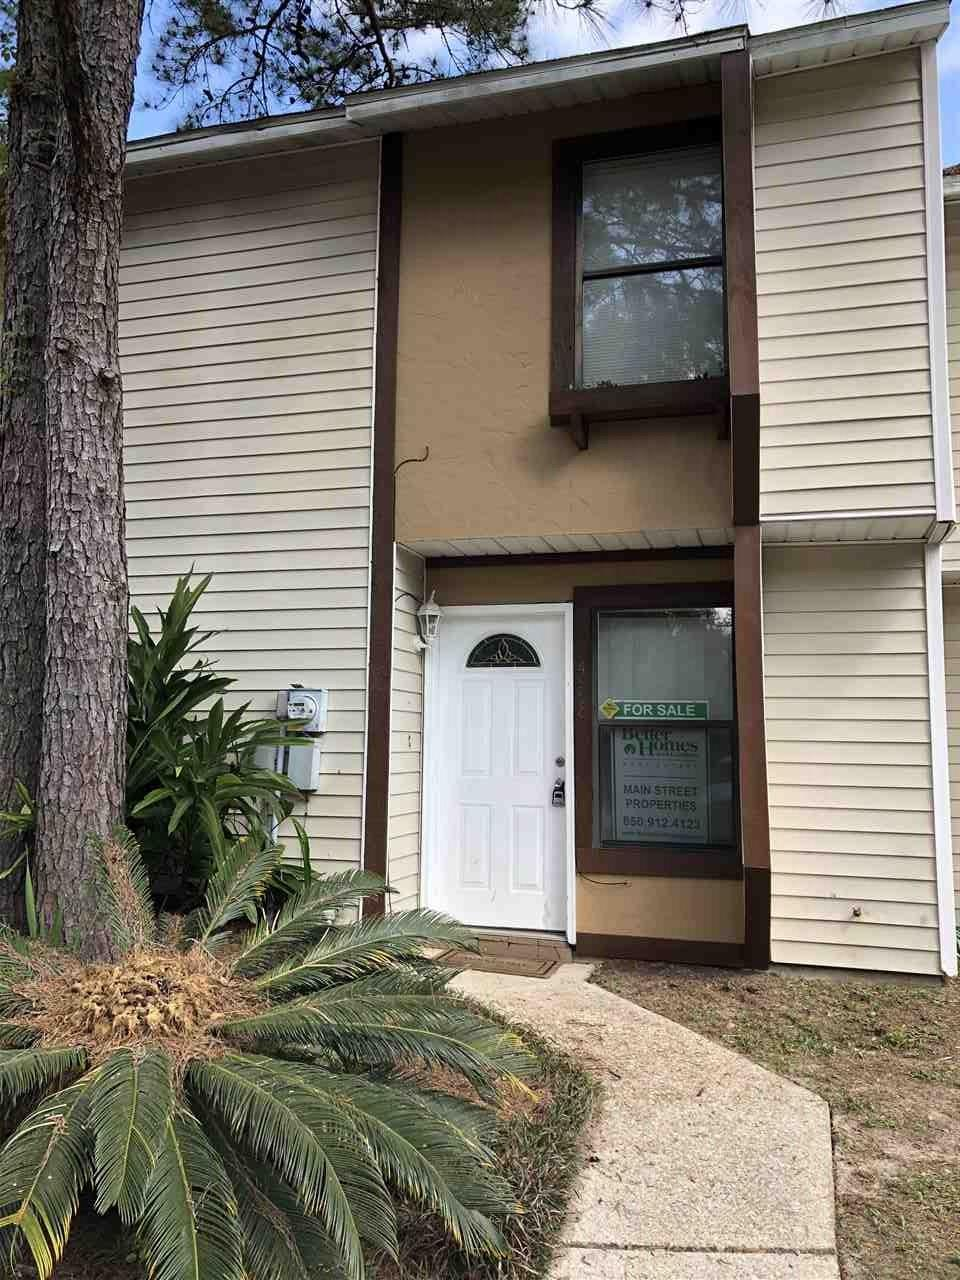 438 E BURGESS RD, Pensacola, Florida